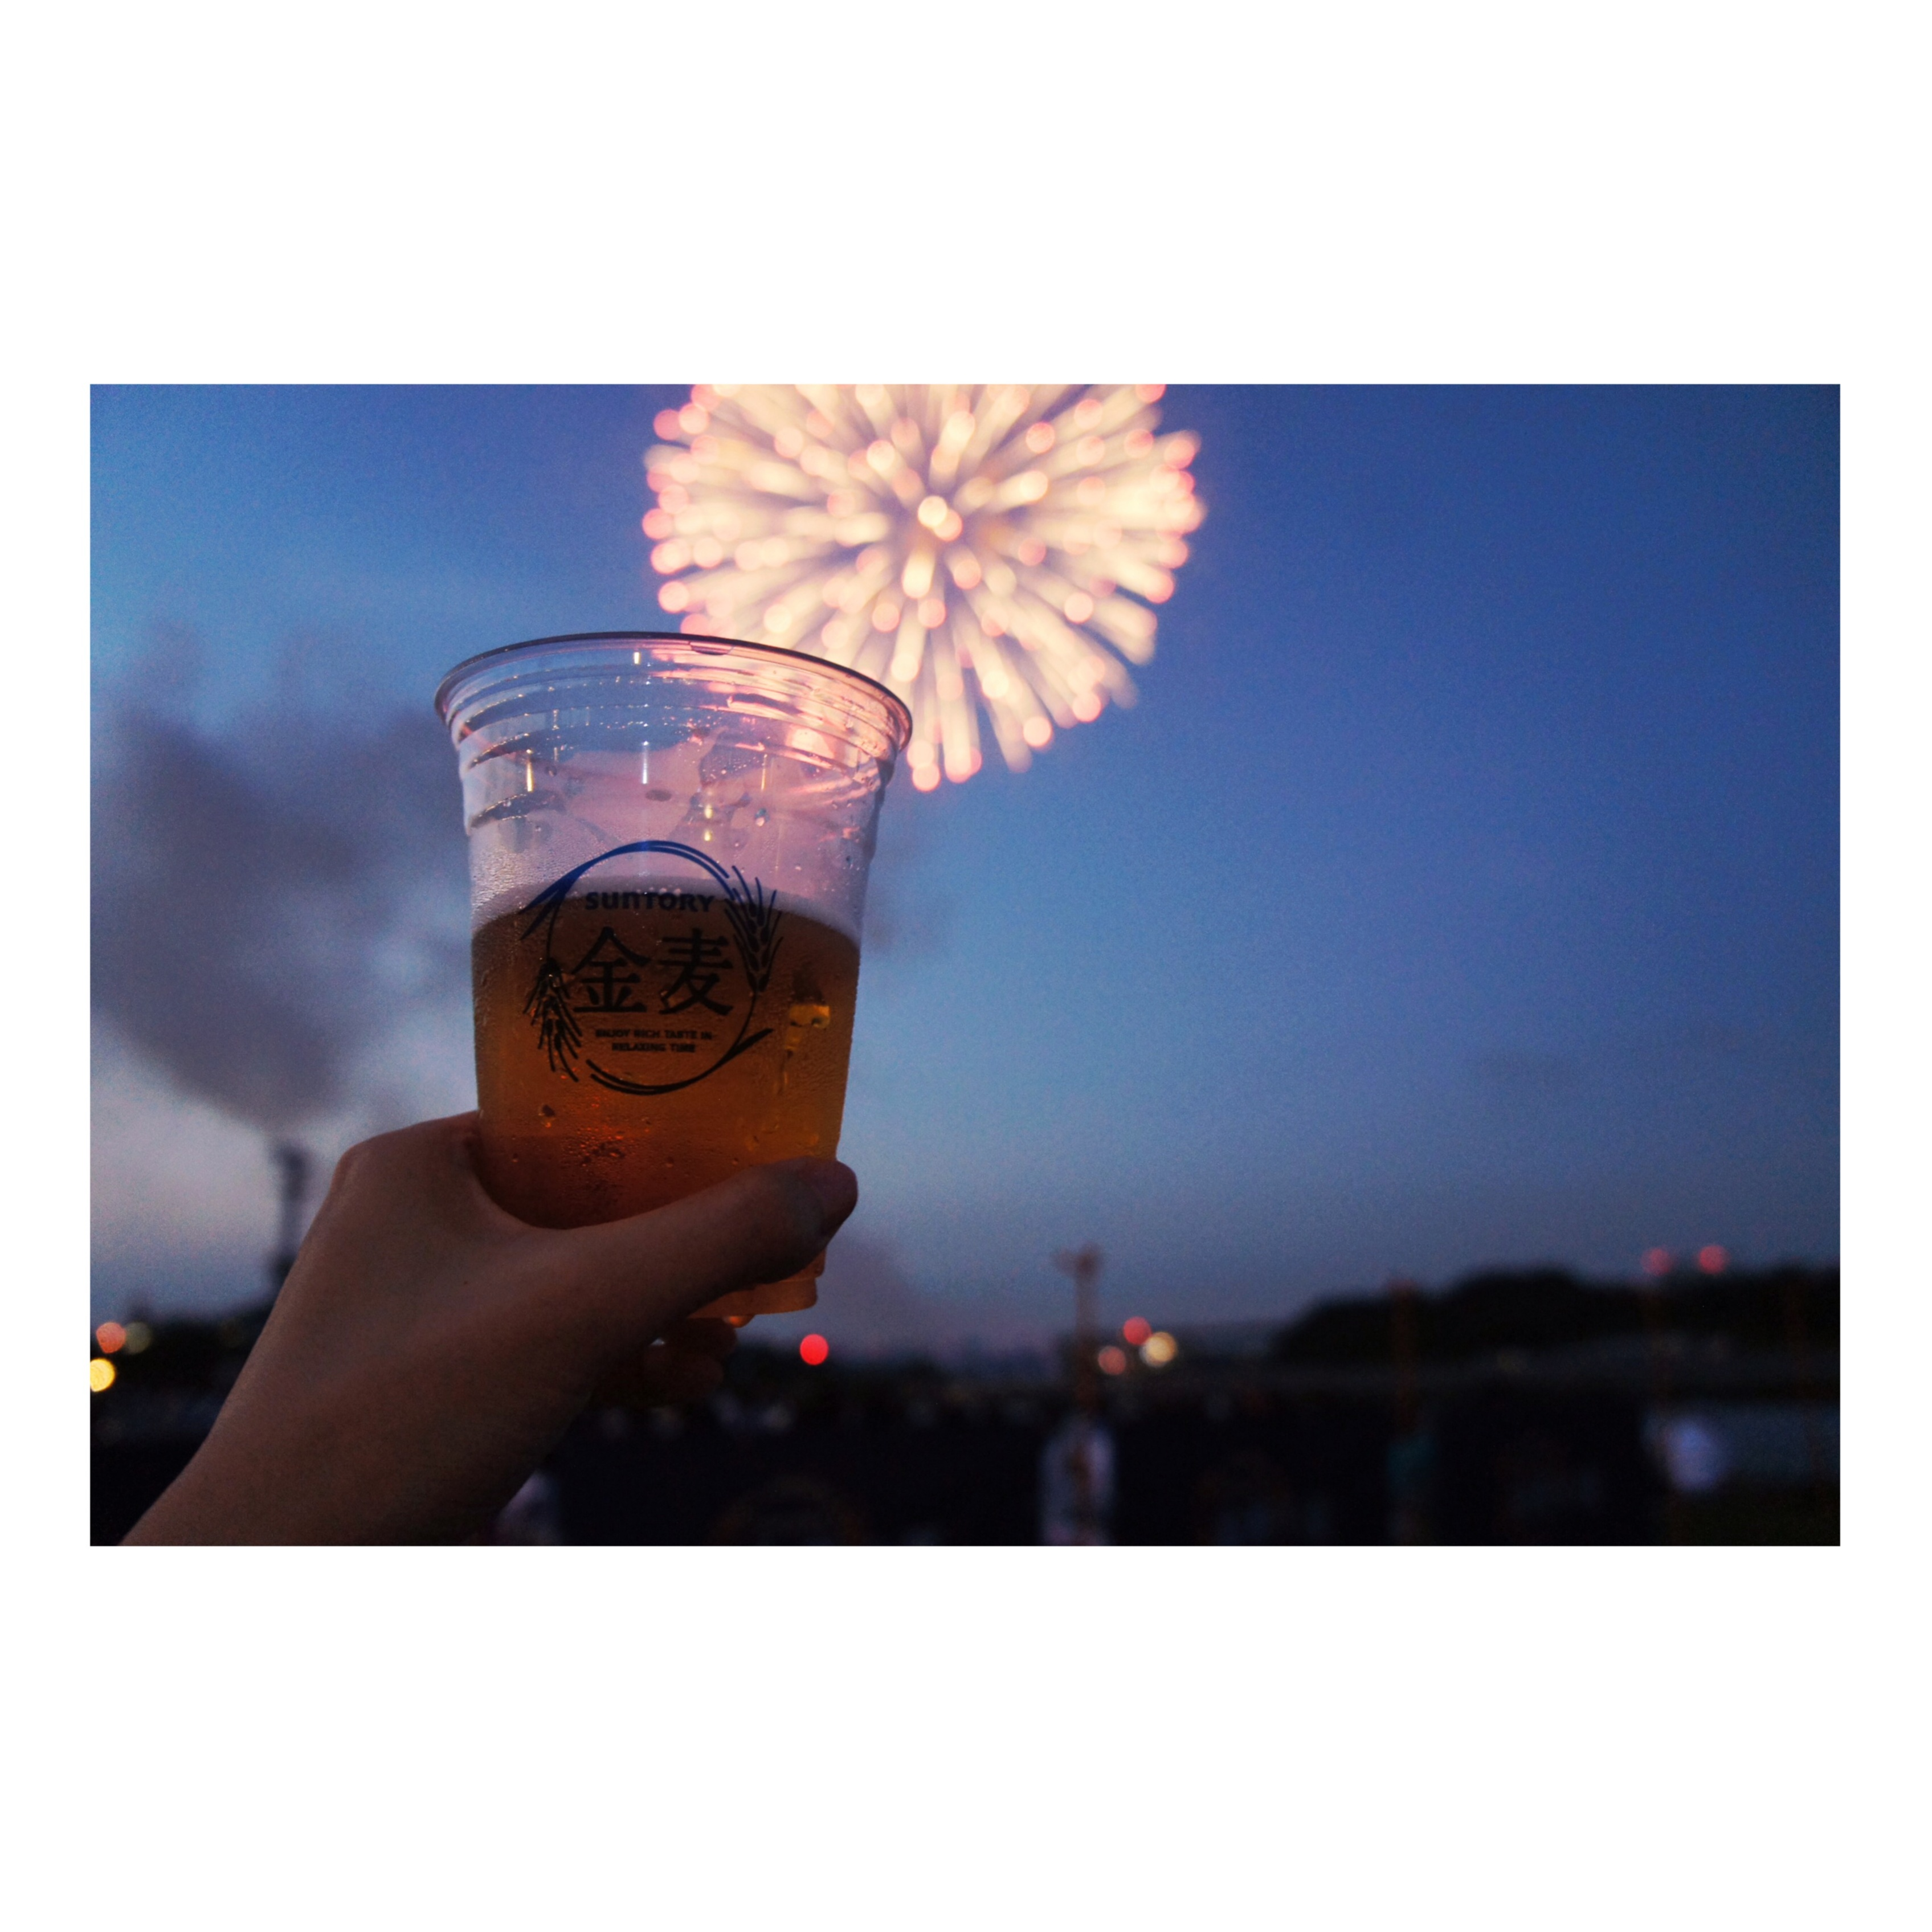 《インスタ映え♡》【カメラ女子】花火大会で周りと差がつく!フォトジェニックな写真の撮り方のススメ❤️_5